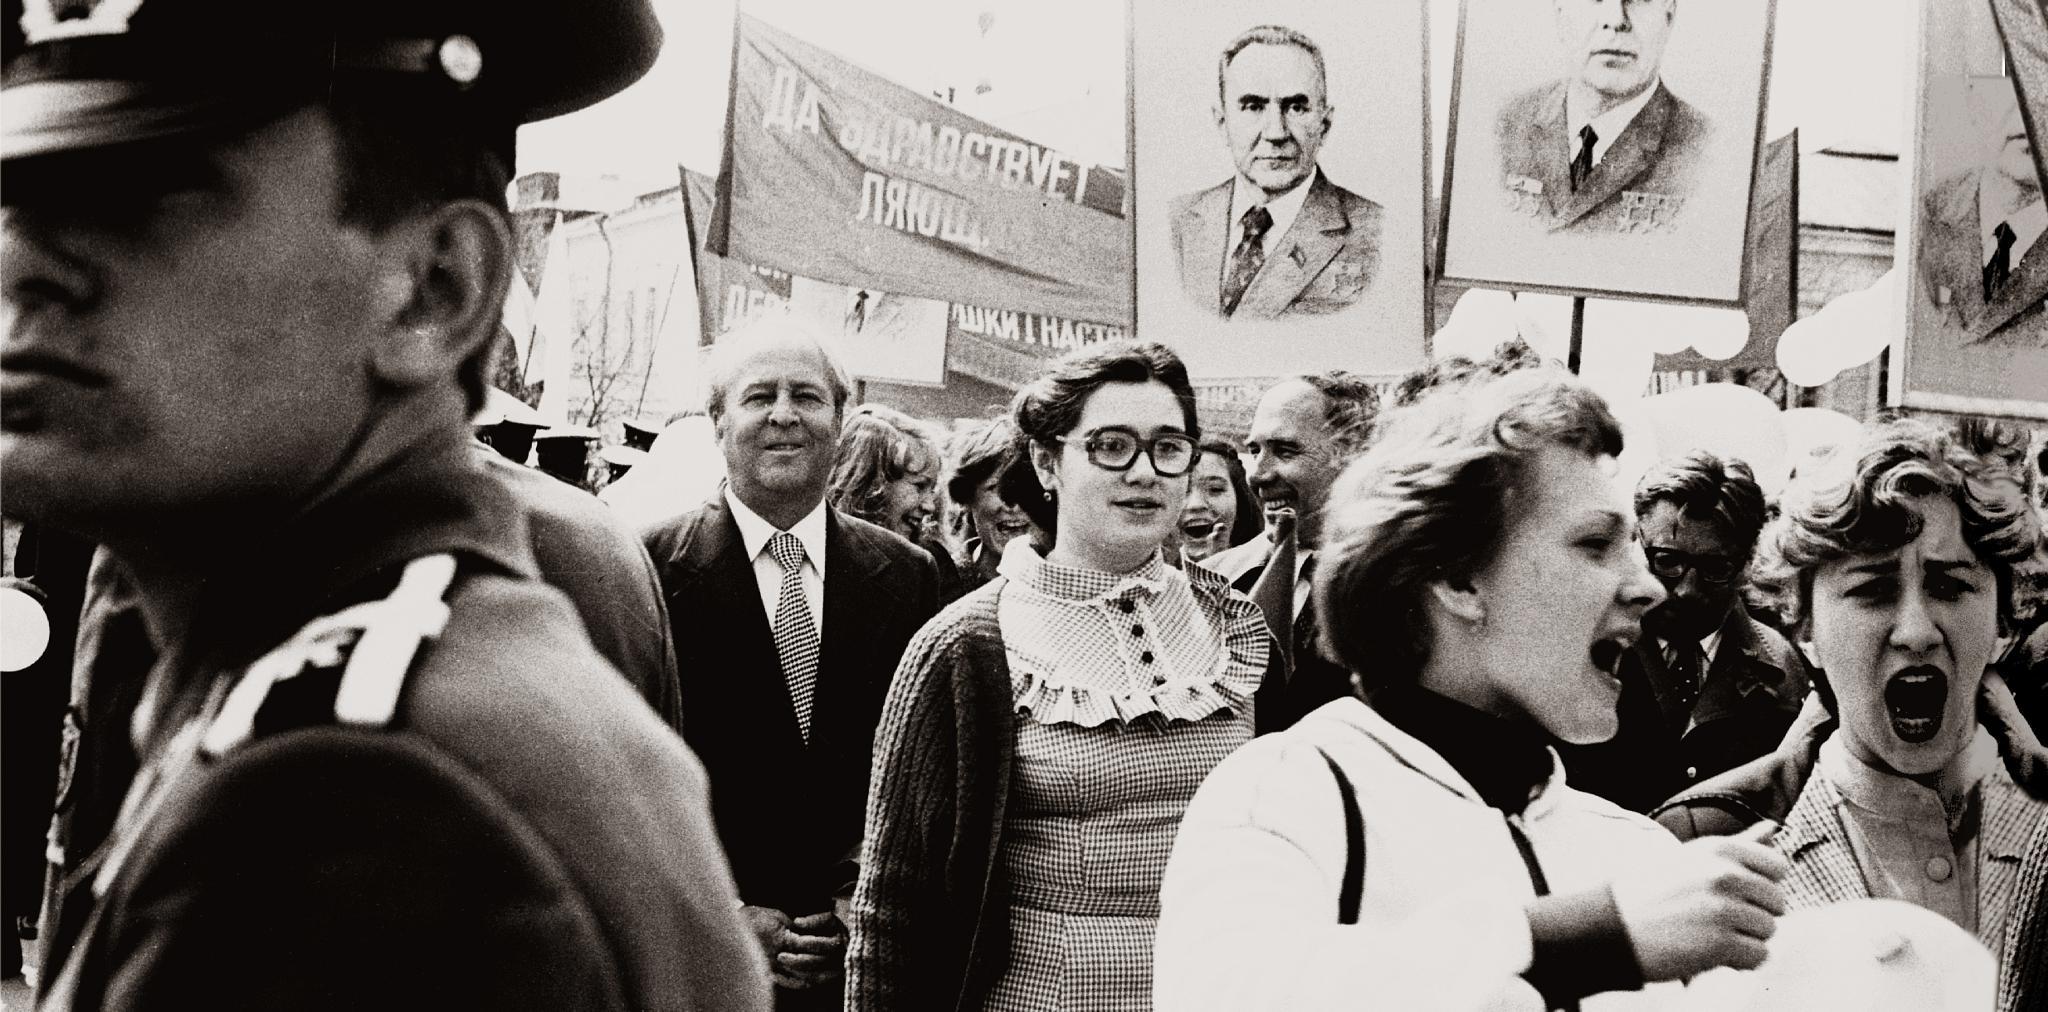 Day demonstration of workers by Сергей Юрьев